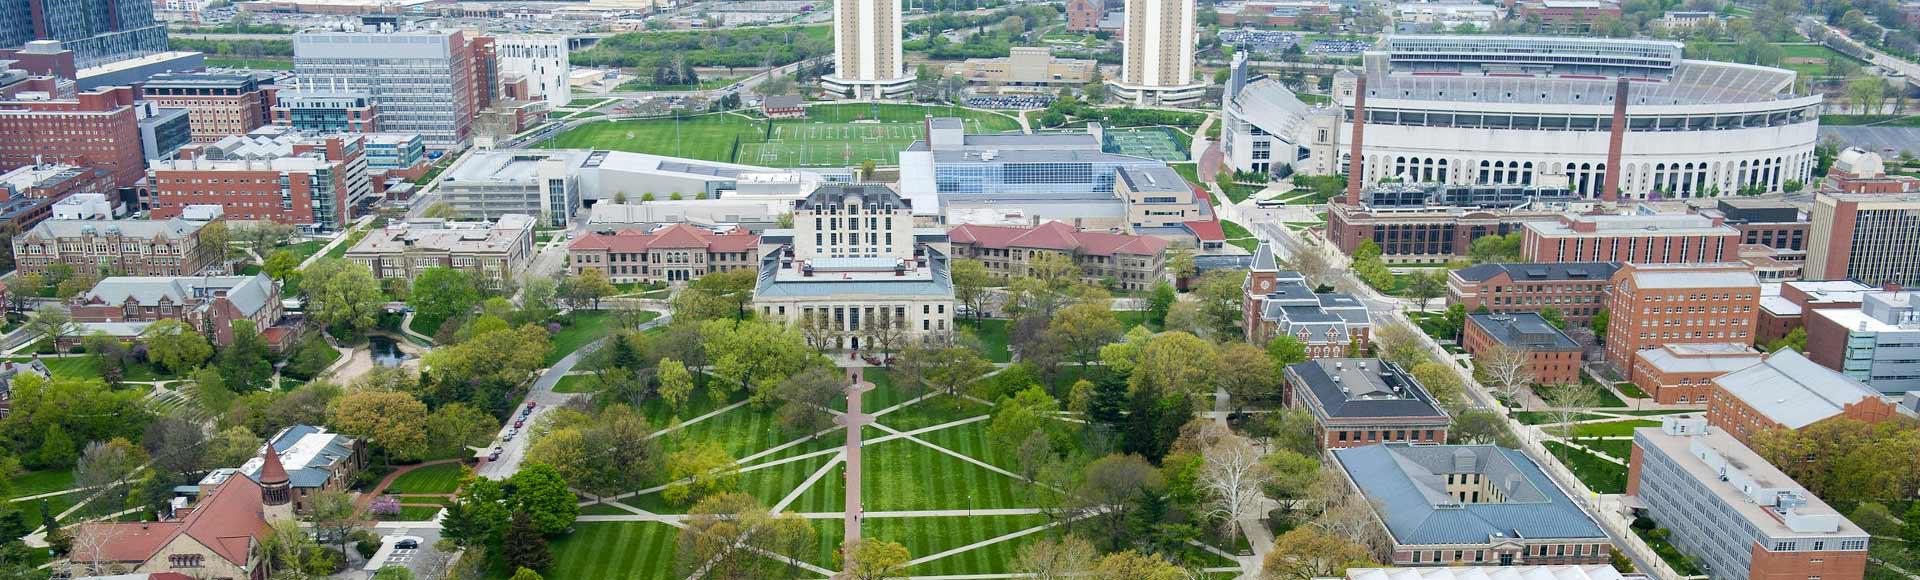 ohio-state-university.jpg